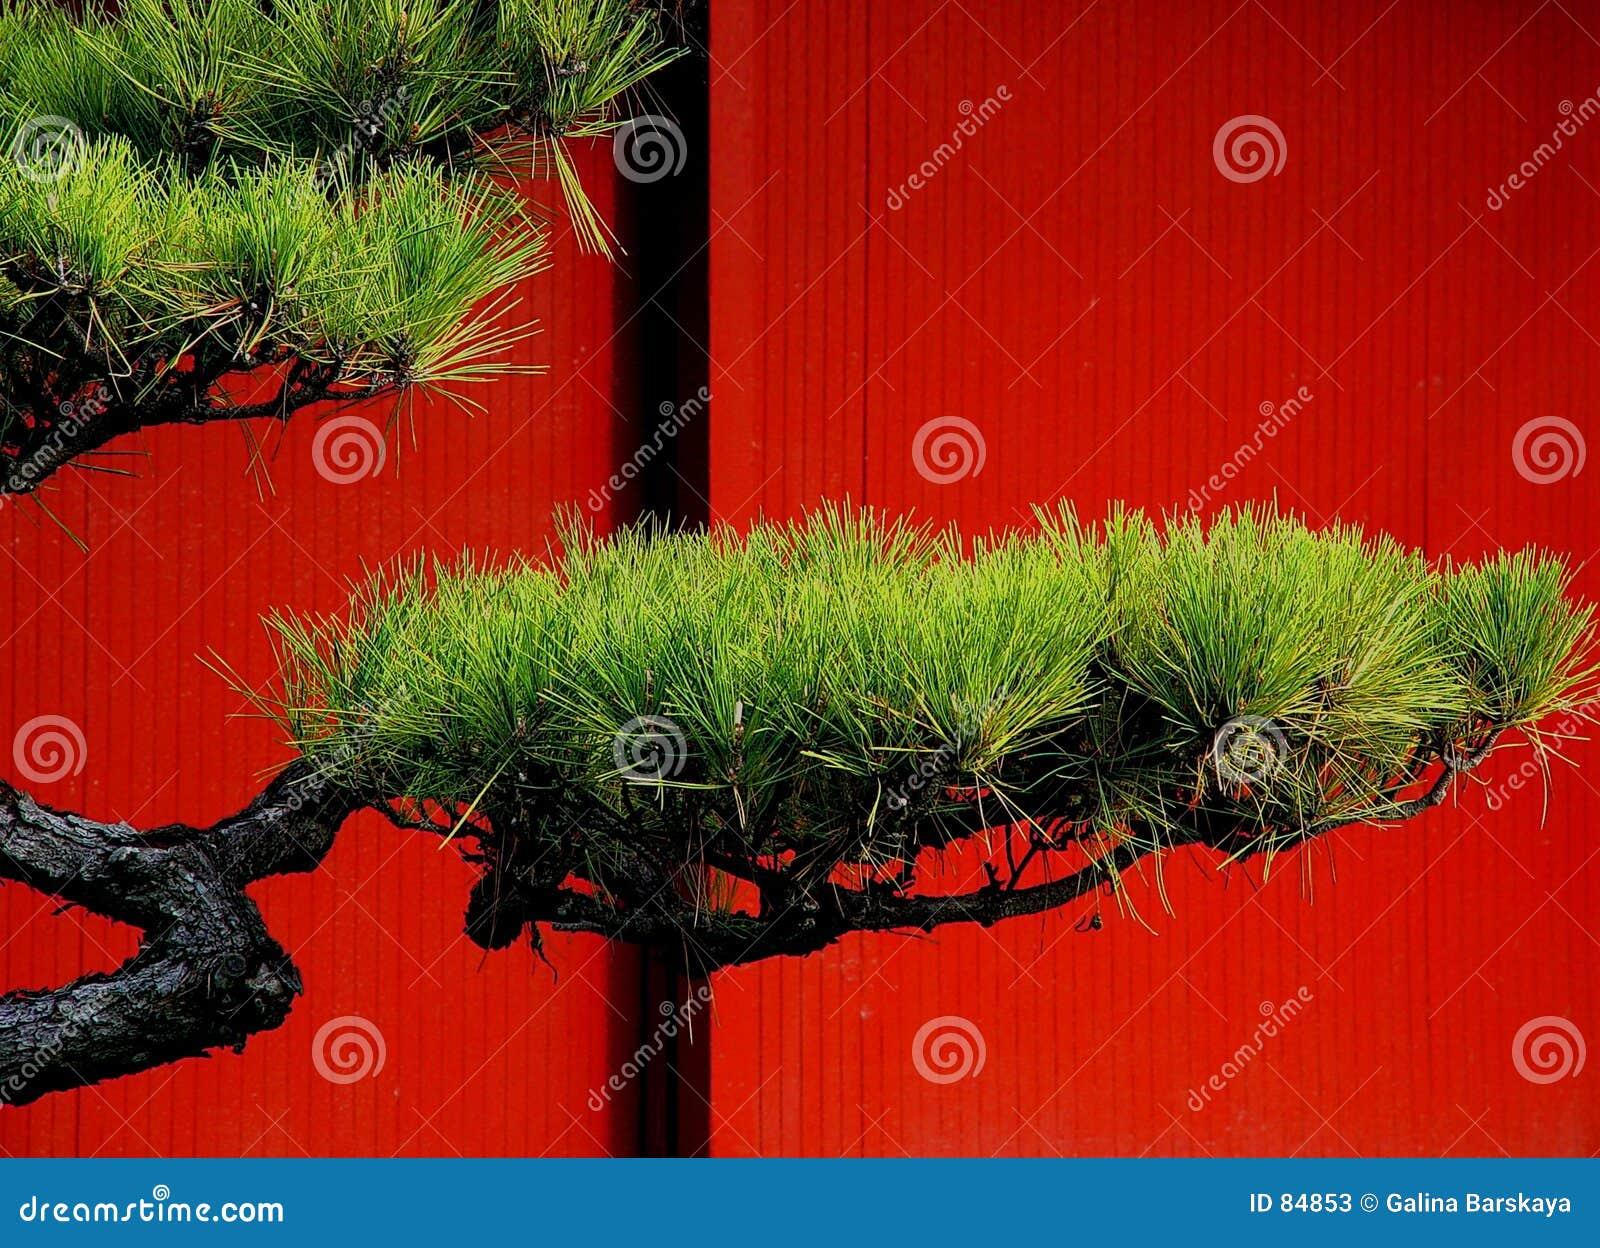 ιαπωνικό δέντρο πεύκων